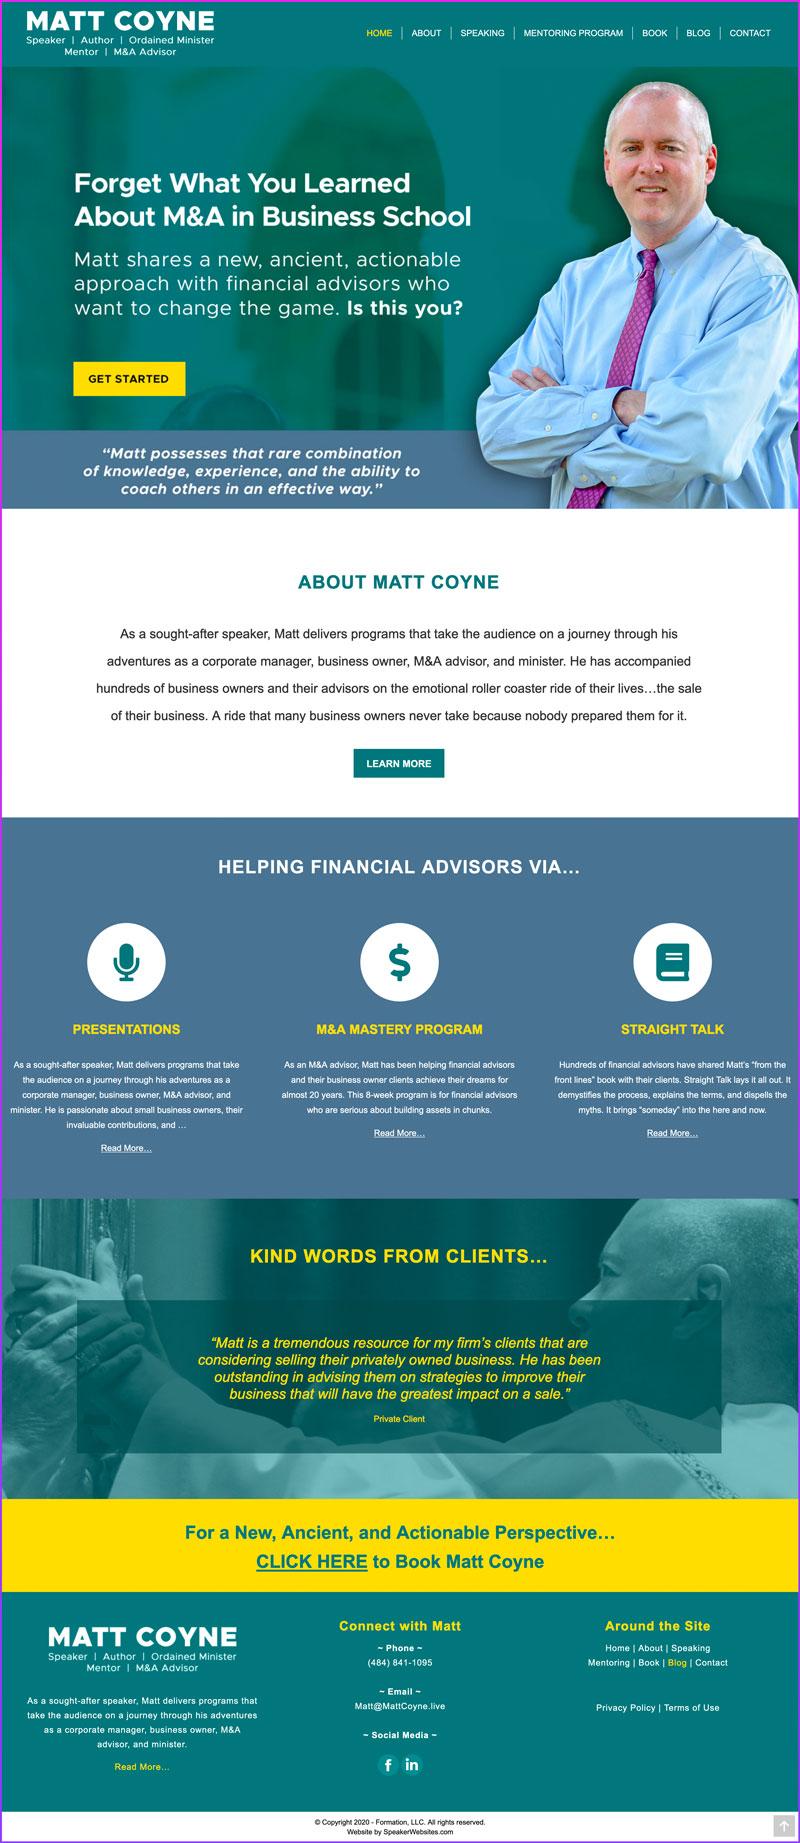 Matt Coyne - Financial Advisor / Speaker